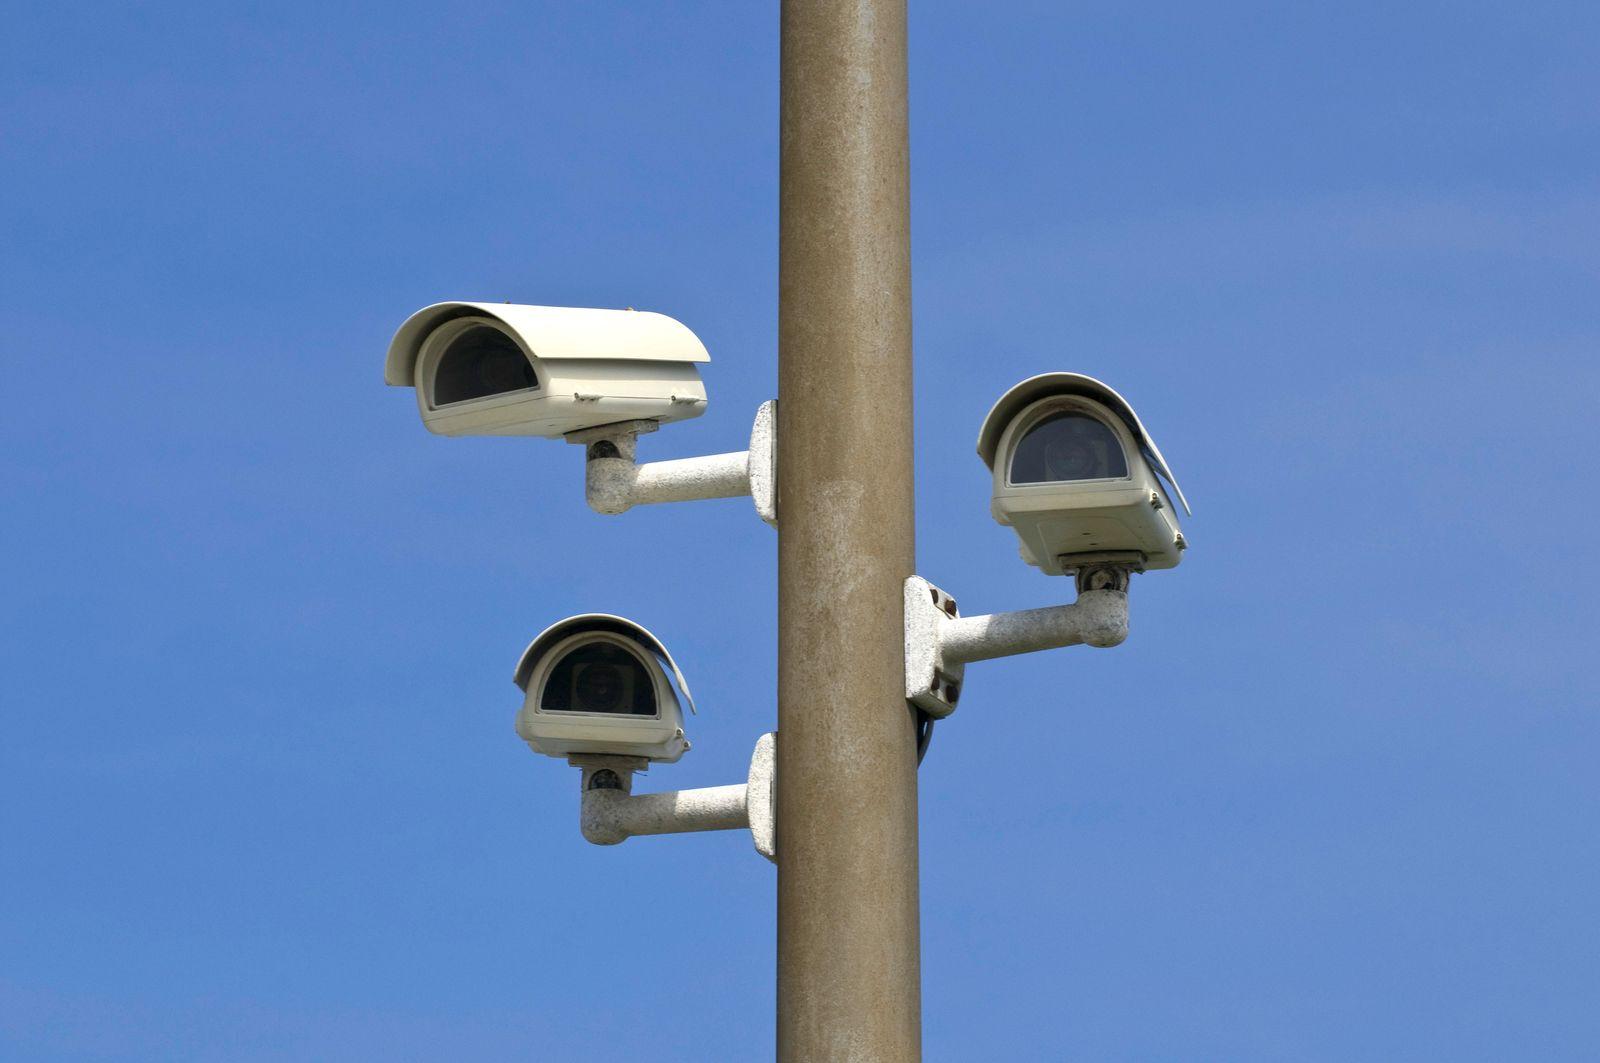 NICHT MEHR VERWENDEN! - Symbolbild Überwachung/ Überwachungskamera/ Observation